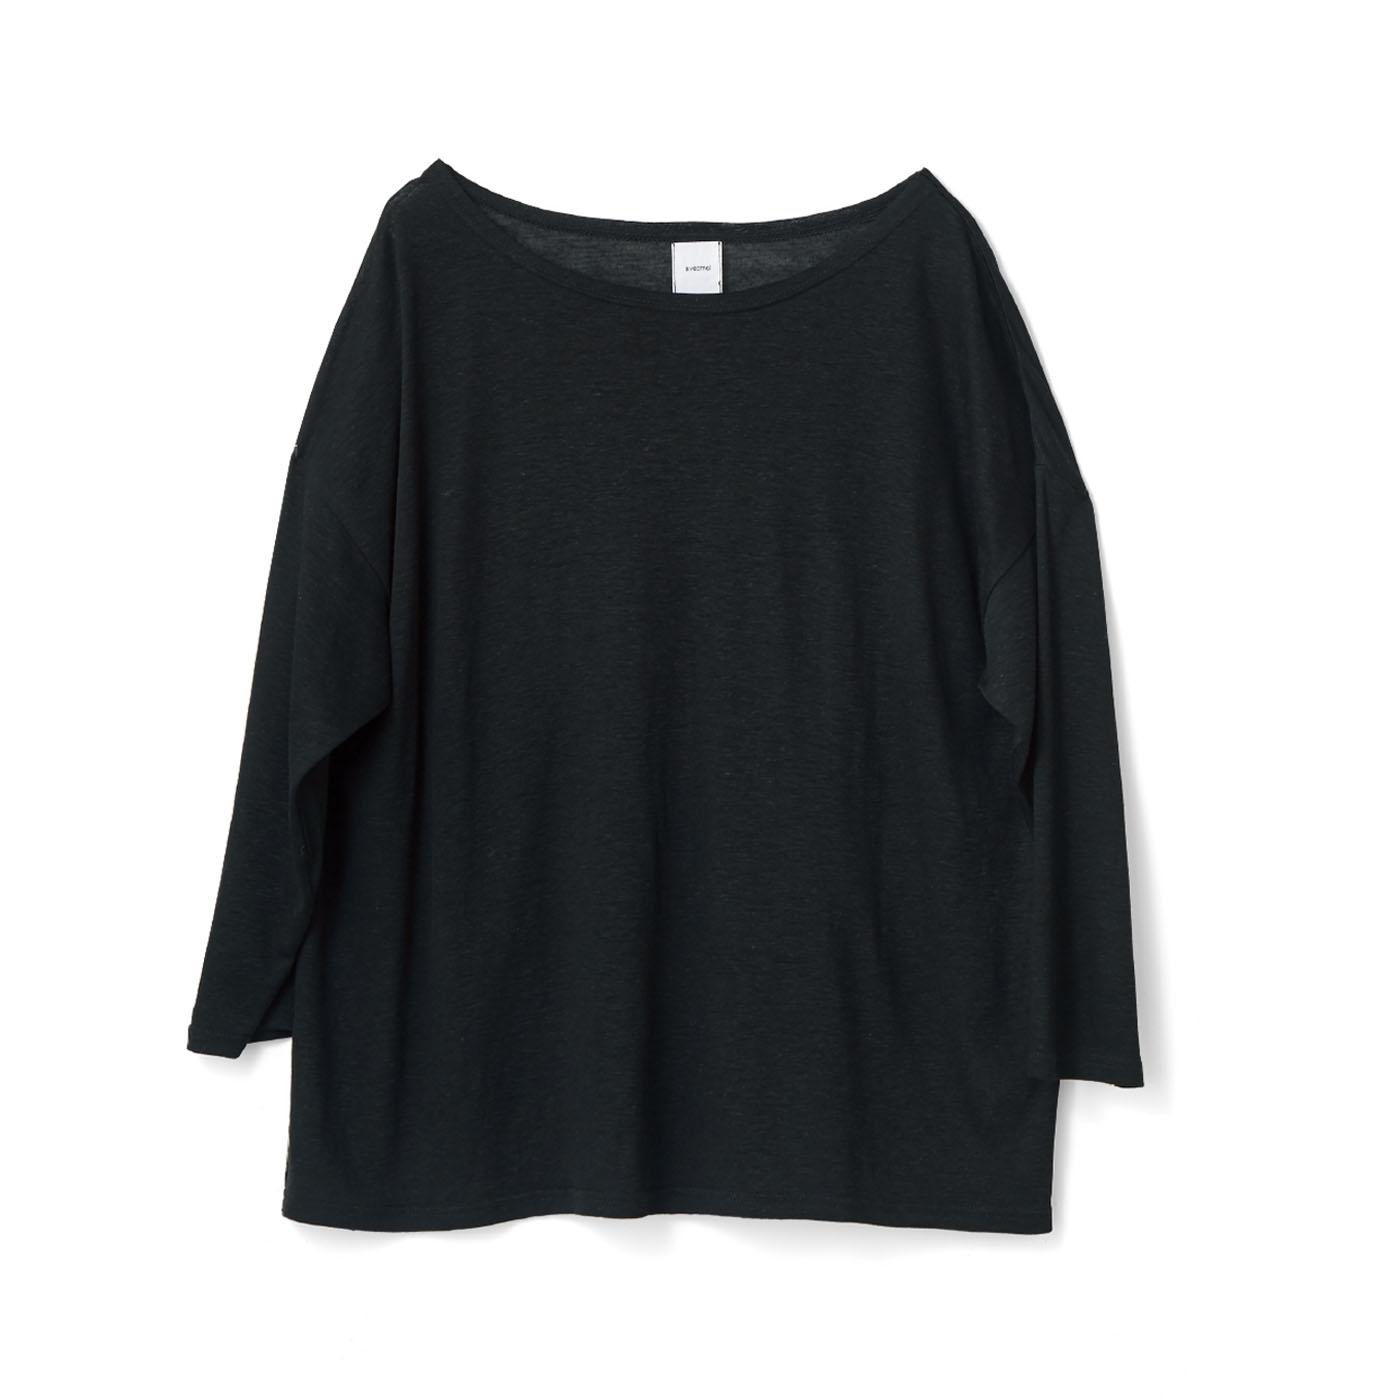 avecmoi 八分袖Tシャツ〈ブラック〉